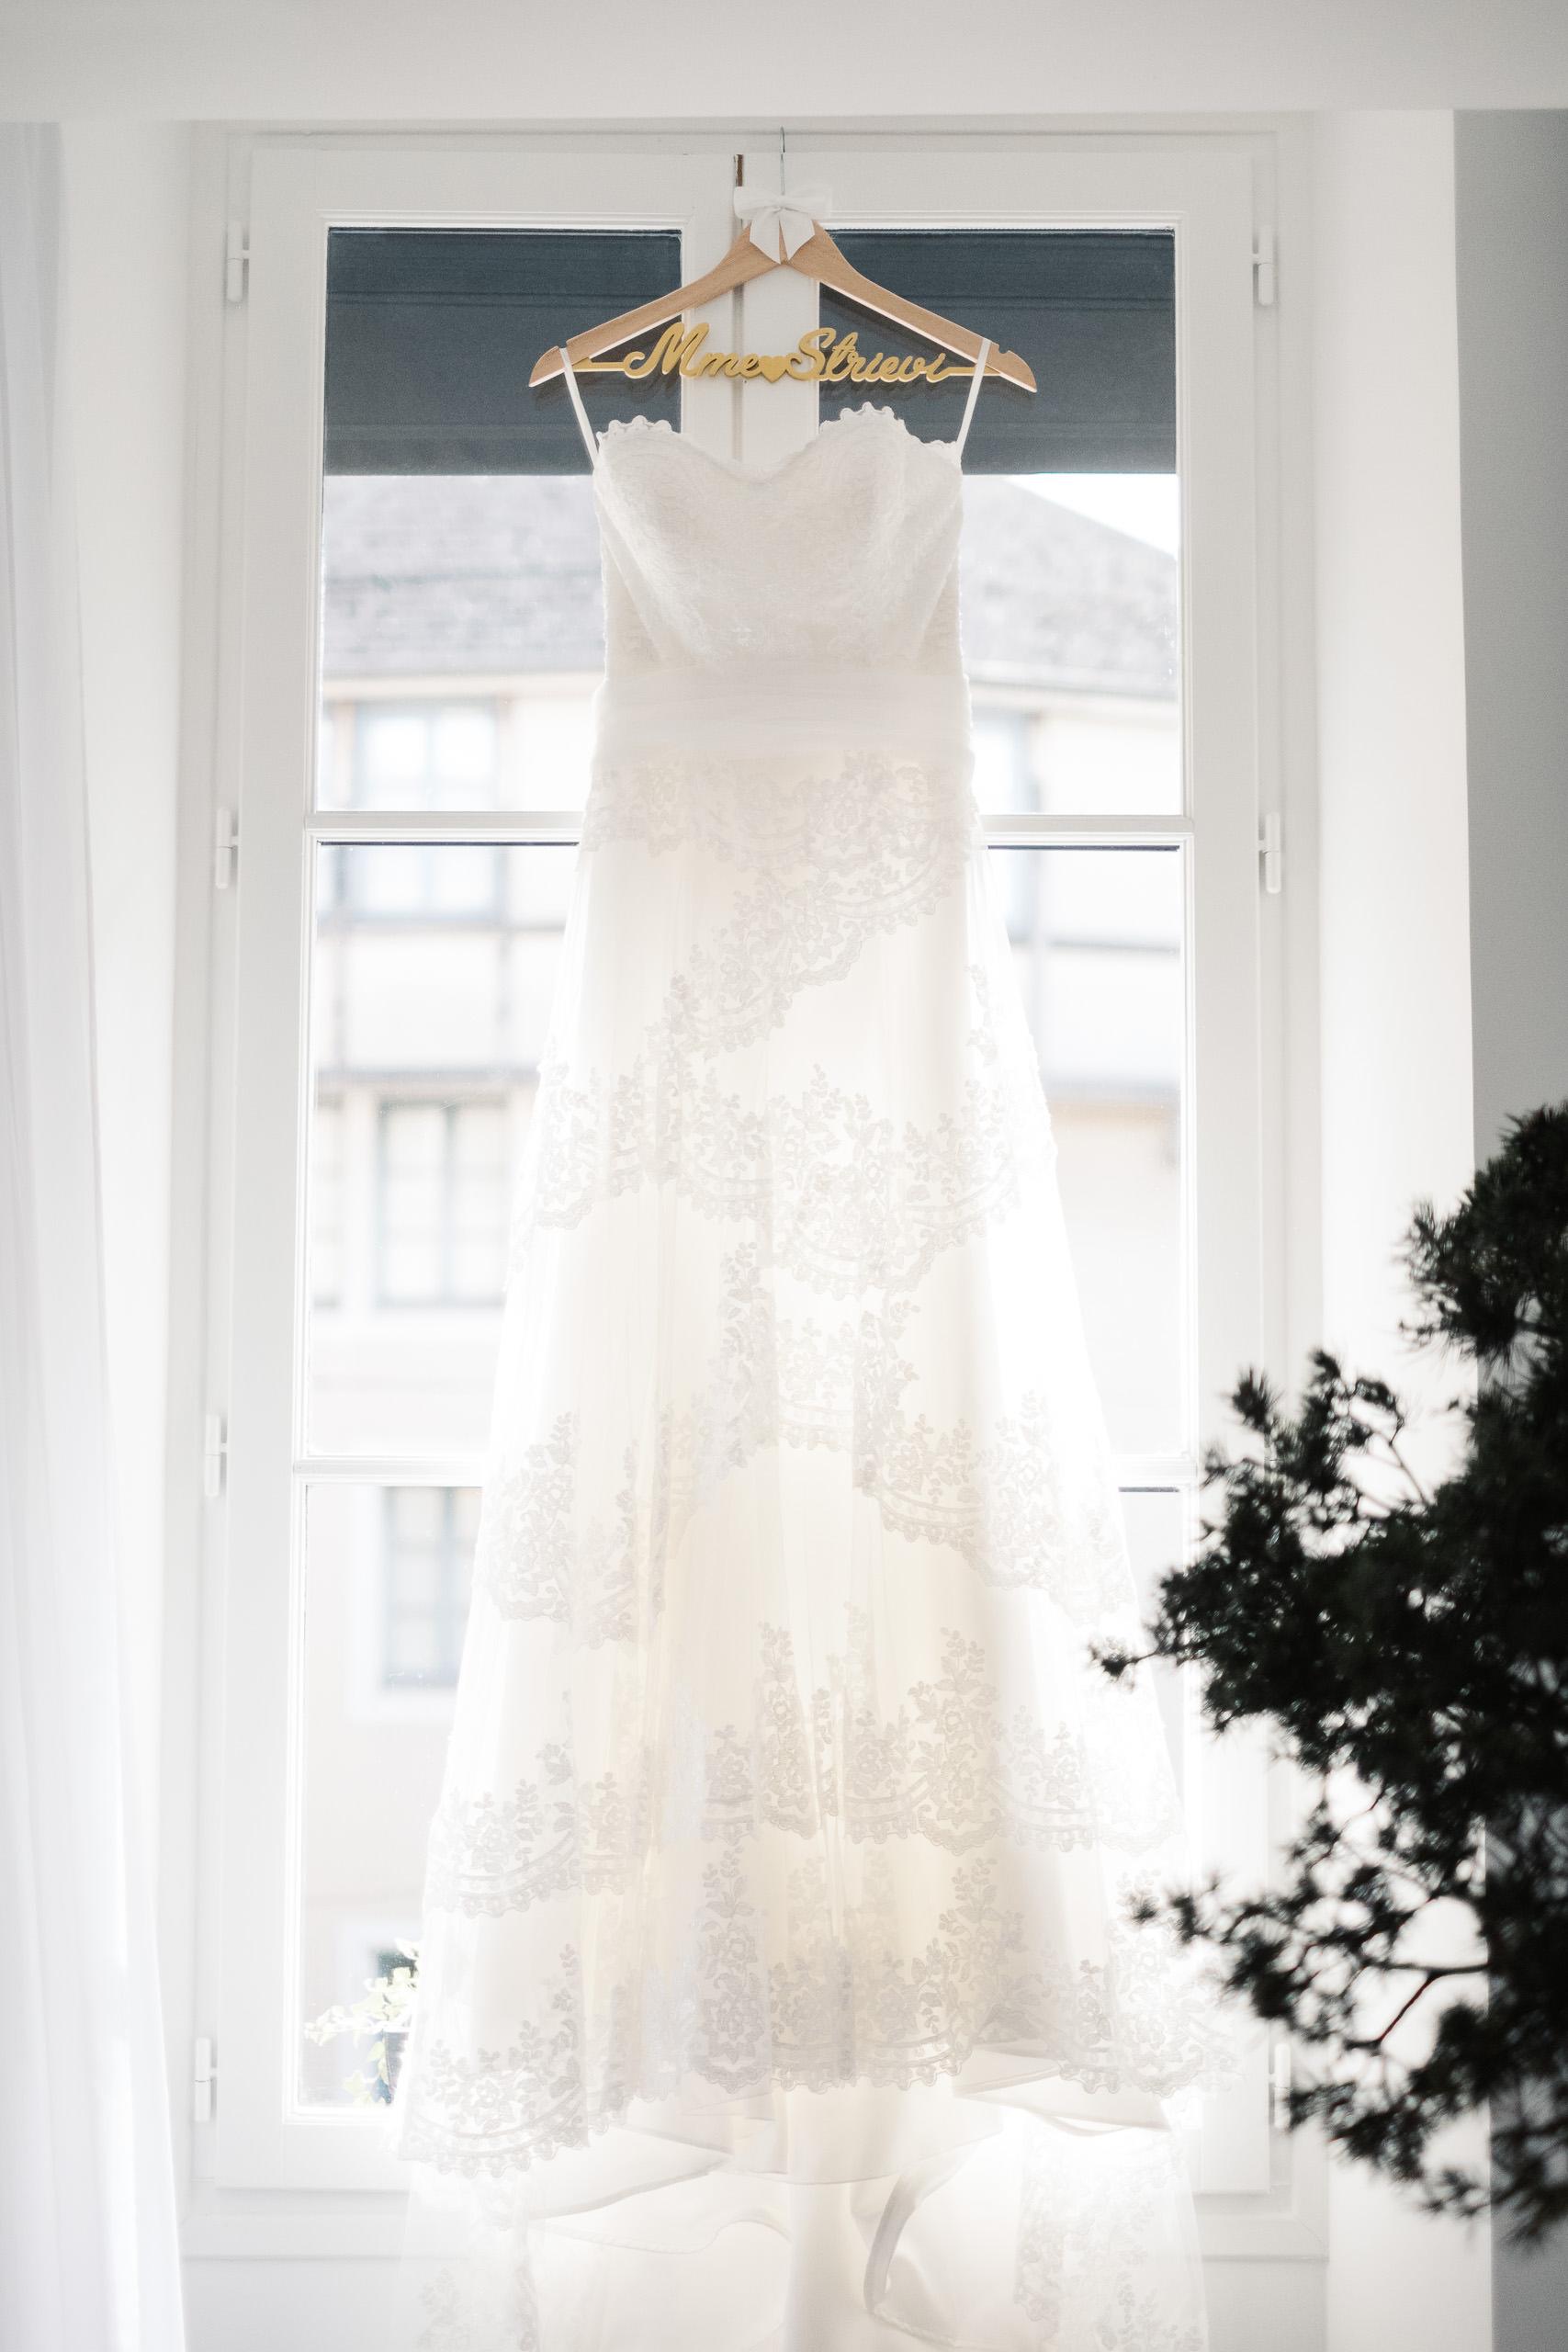 Mariage à Chambéry, chambre au Petit Hôtel Confidentiel - Robe de mariée - Lucile & Florent